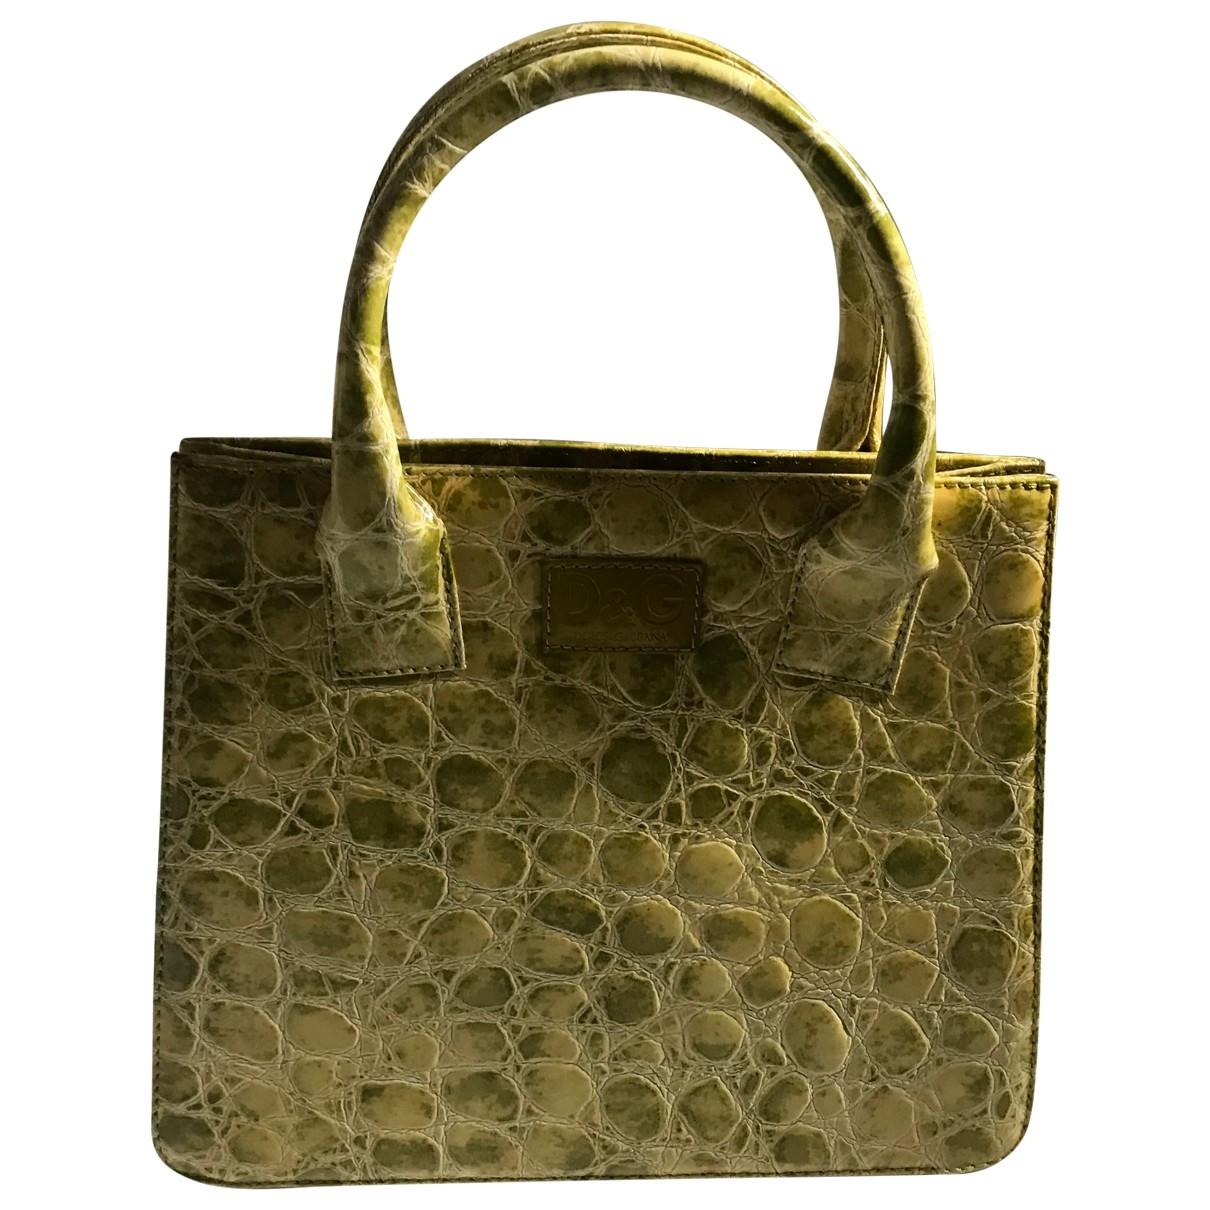 D&g \N Handtasche in  Gruen Lackleder